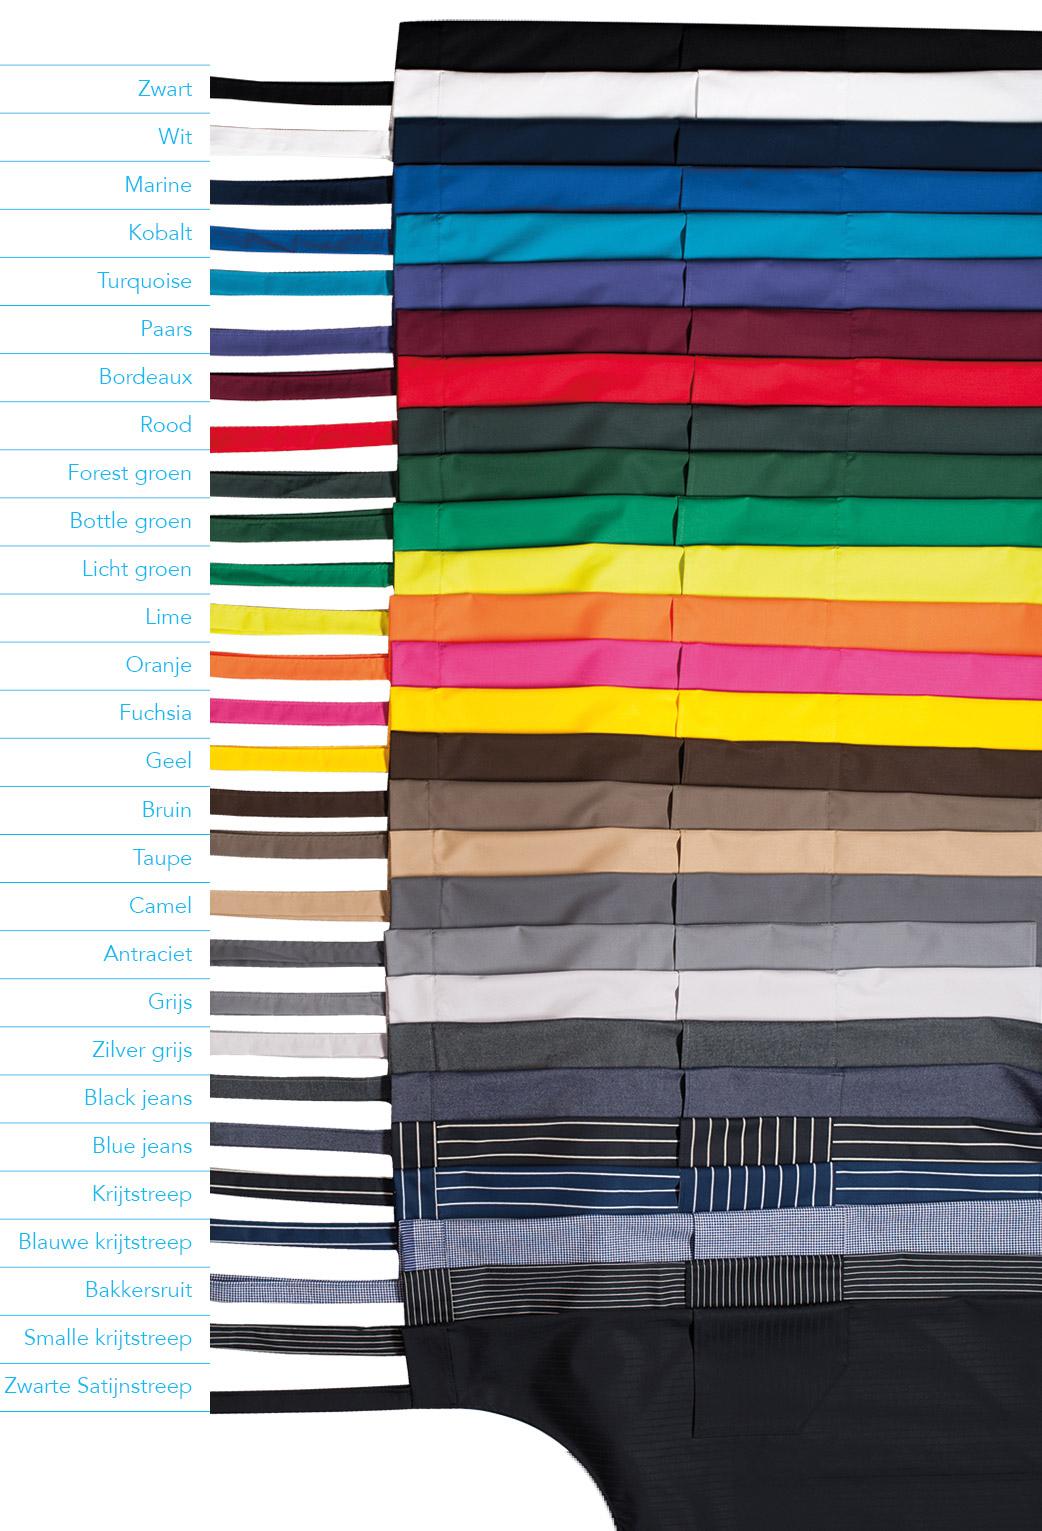 Knip en stik - de 25 standaard kleuren